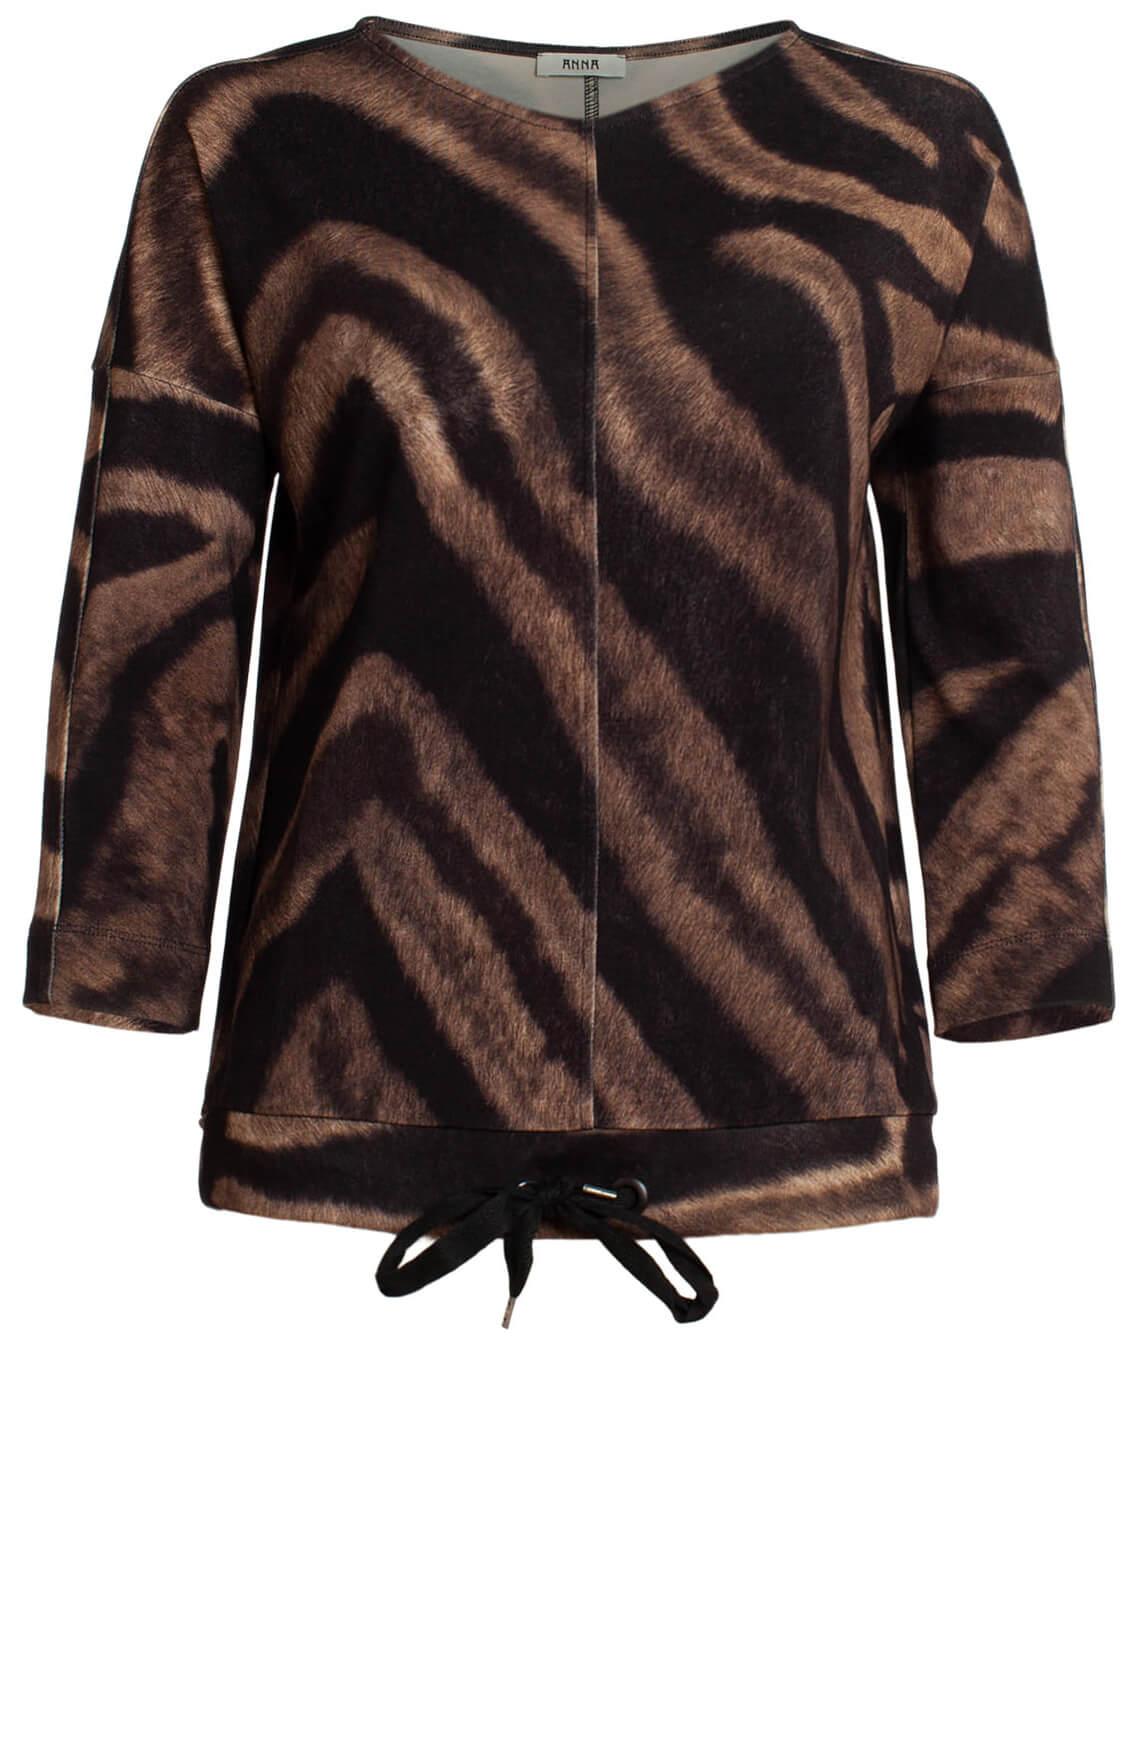 Anna Dames Shirt met animalprint zwart